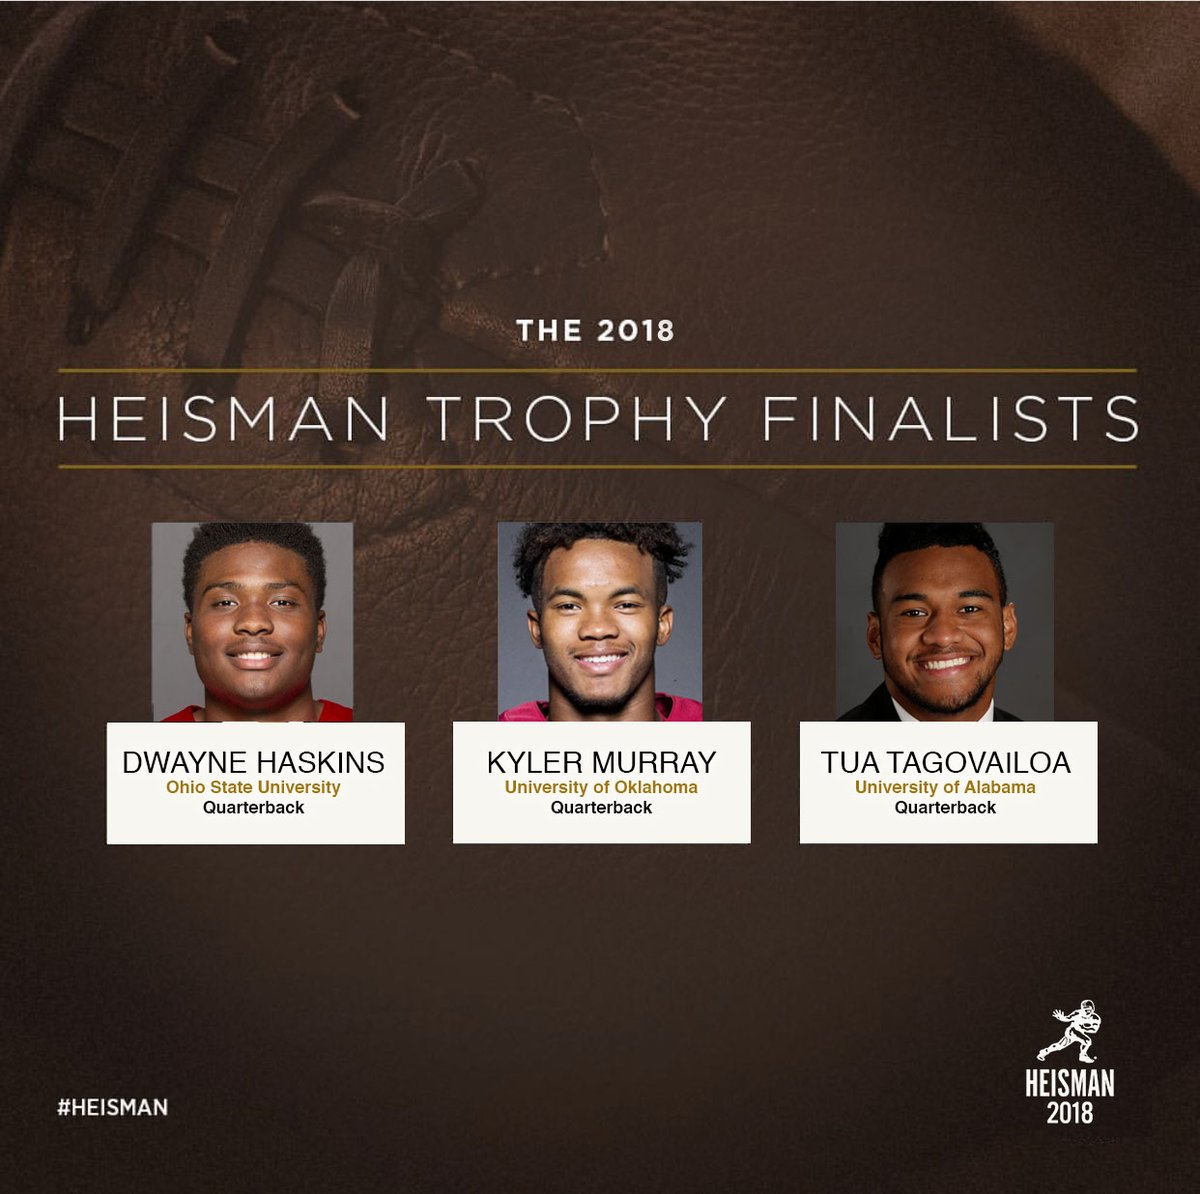 Foram anunciados os finalistas do Heisman Trophy 2018